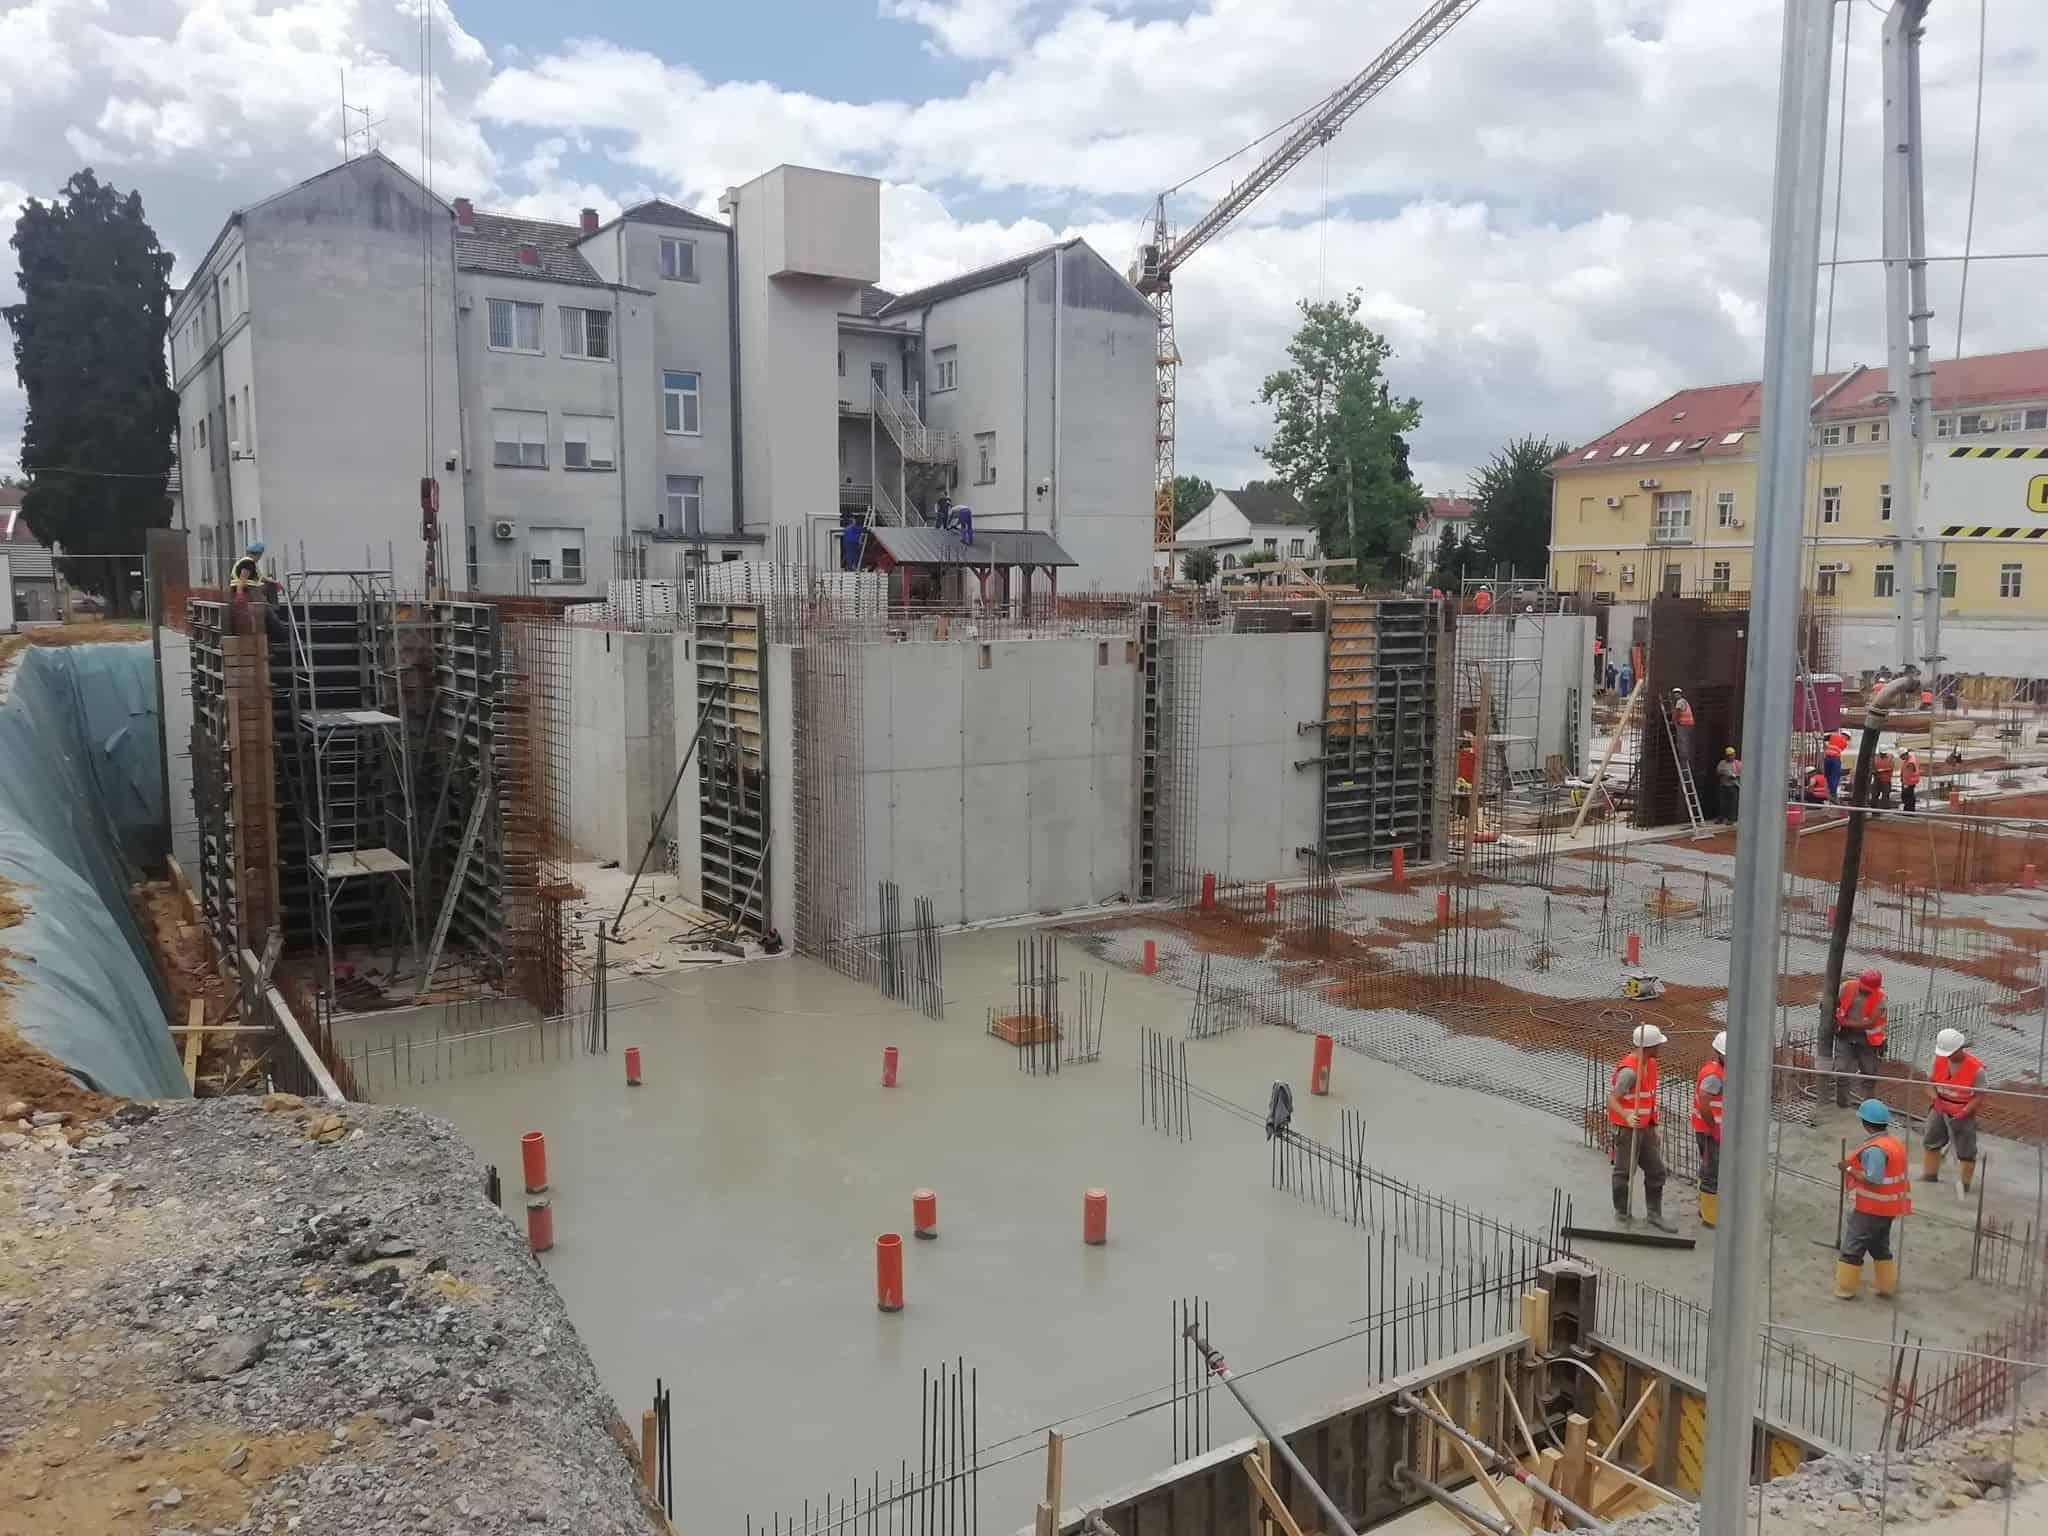 RADOVI NAPREDUJU Novu bolnicu gradi stotinu radnika